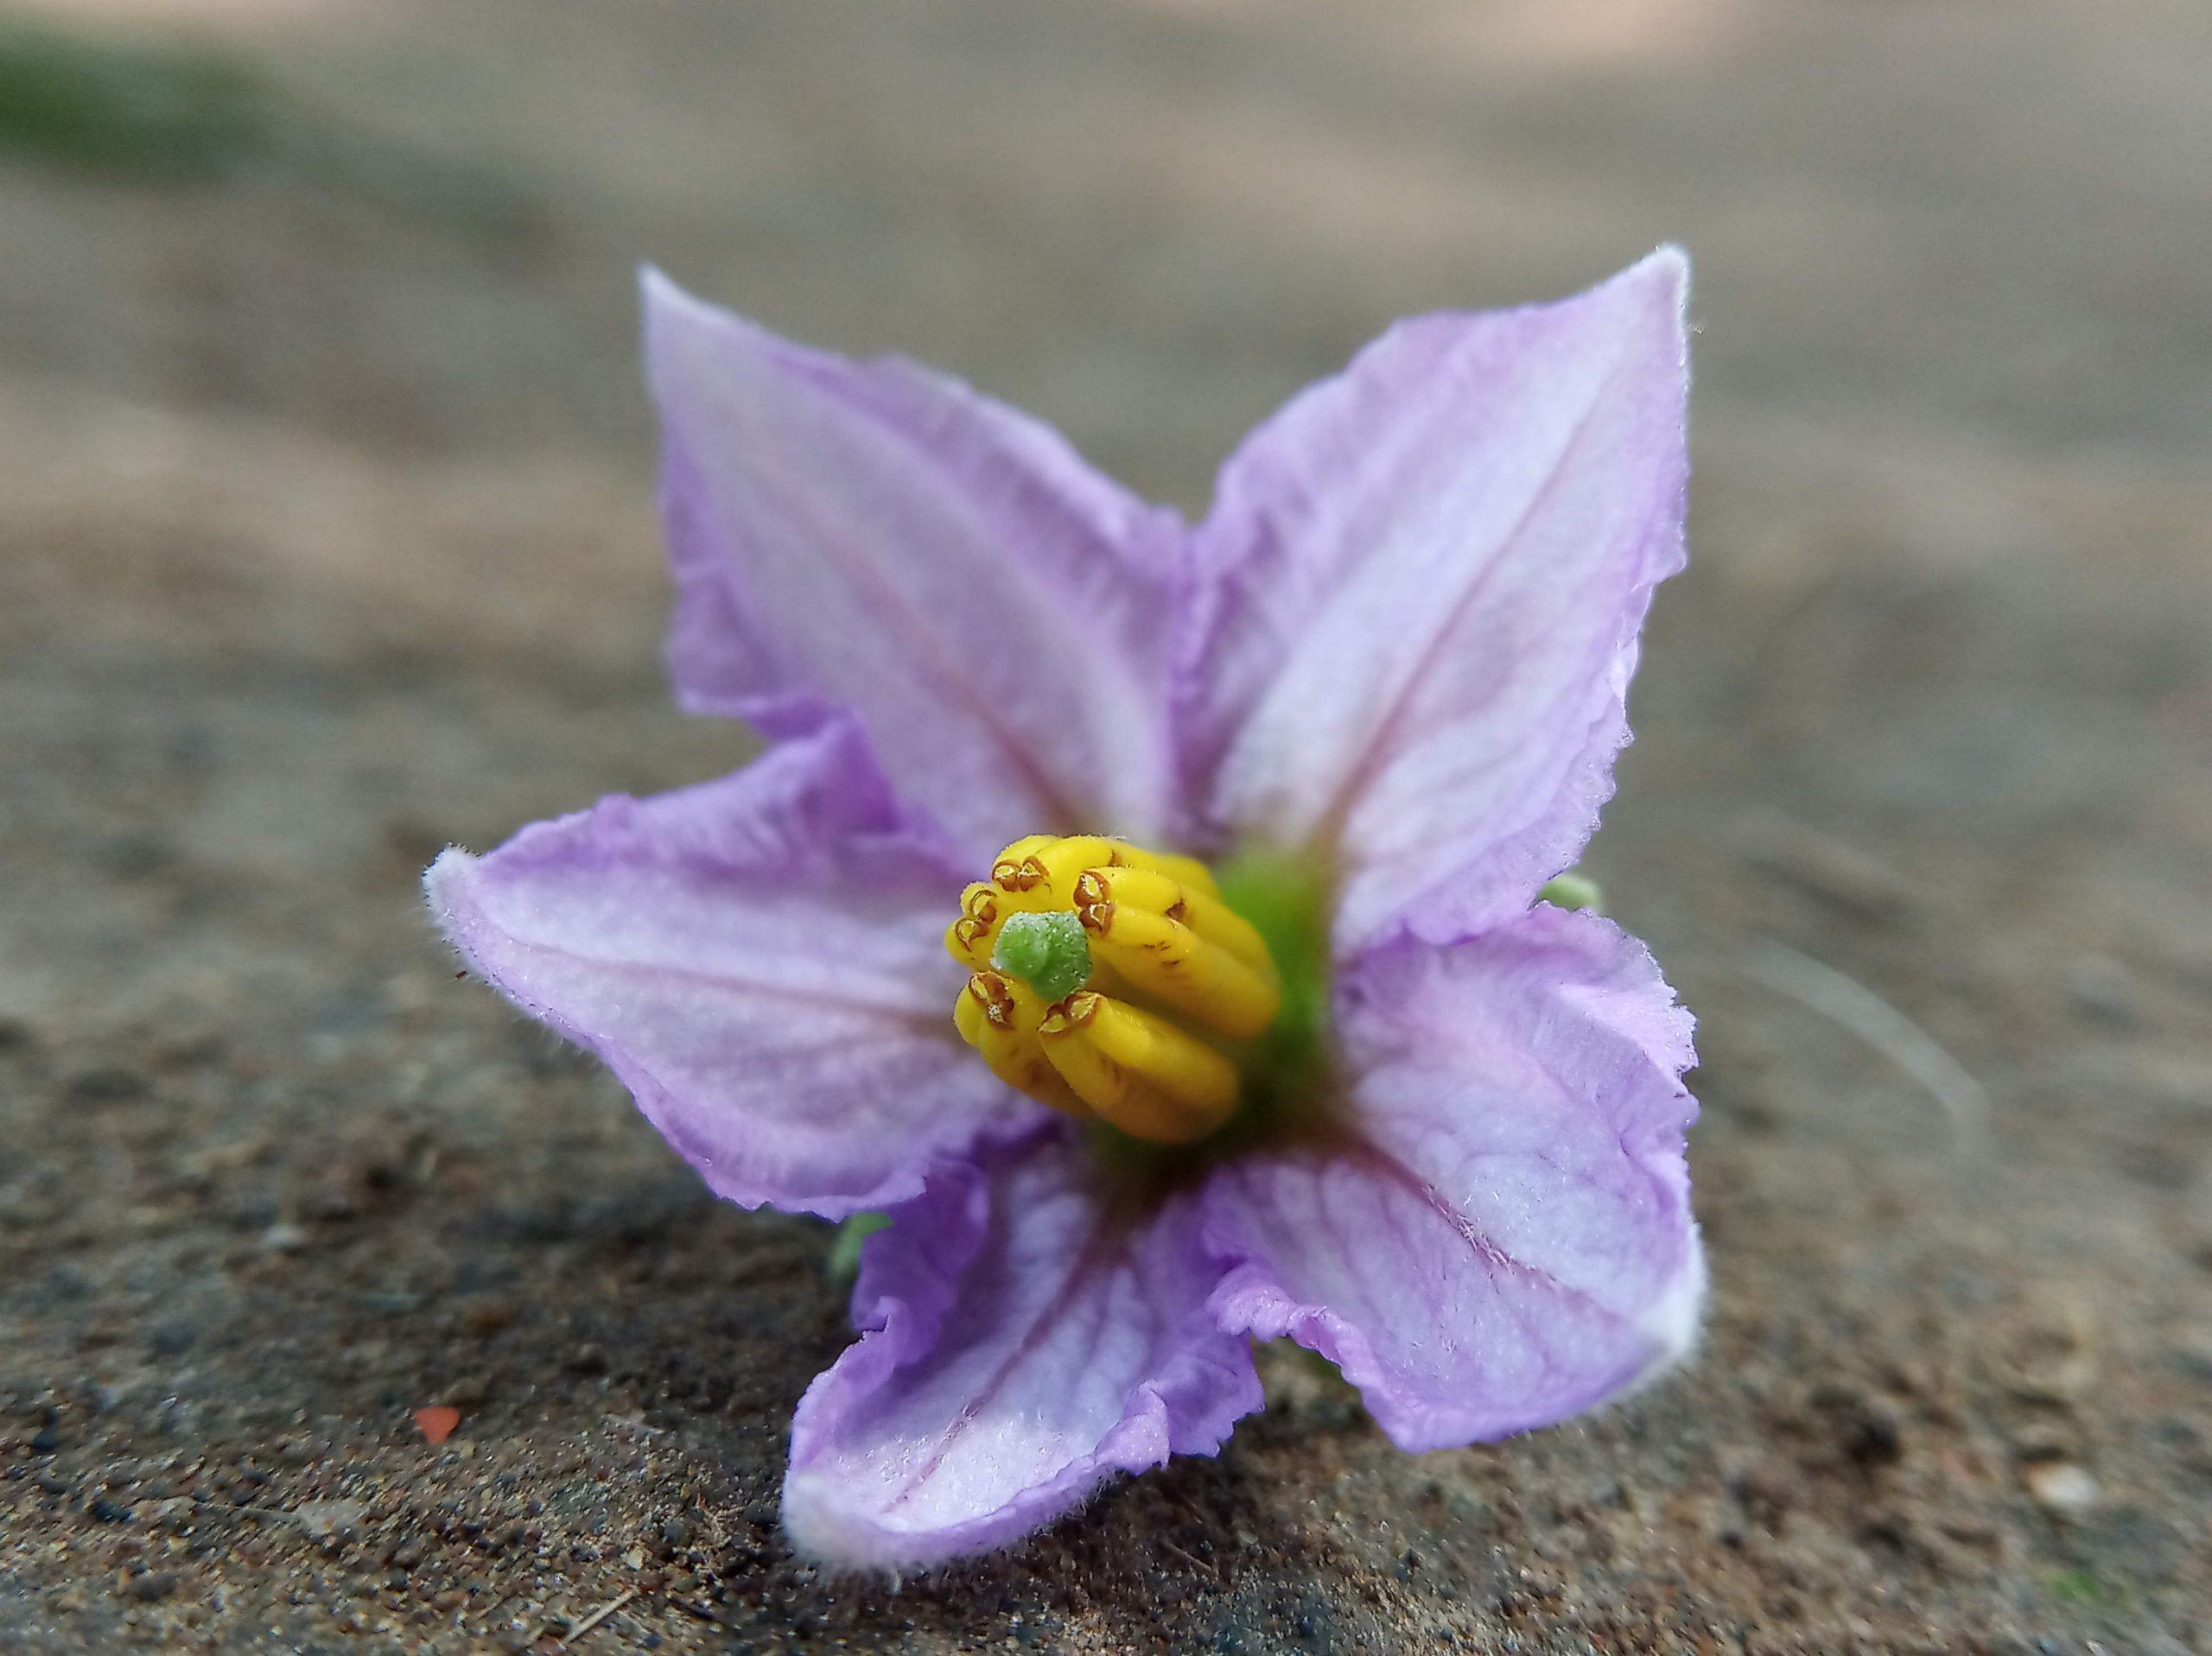 A fallen brinjal flower